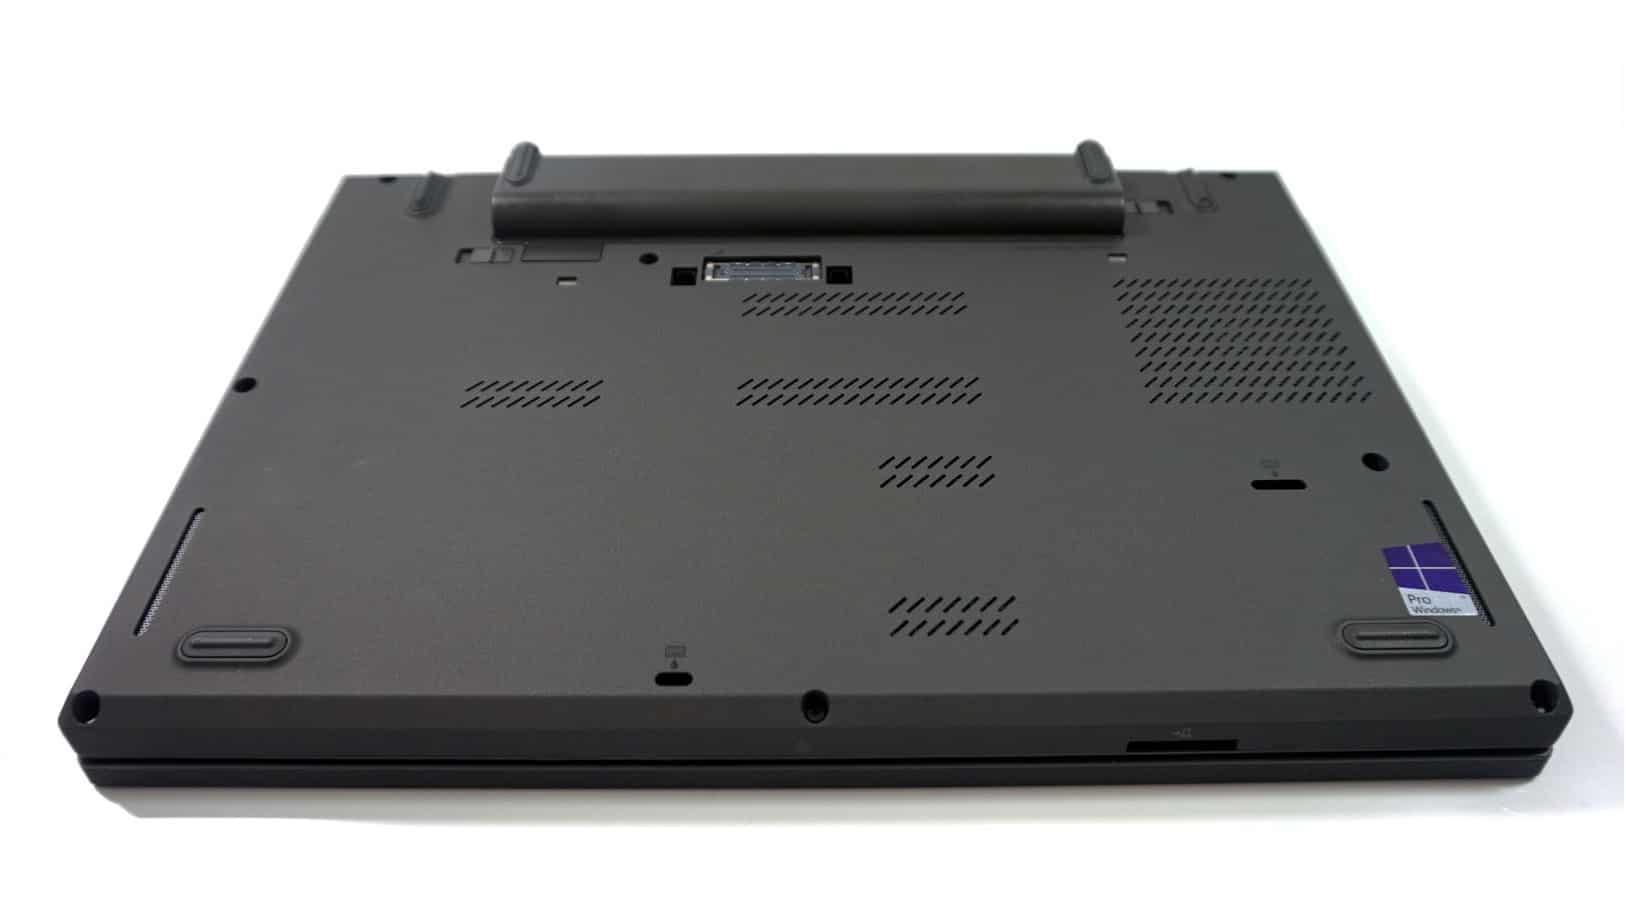 Lenovo ThinkPad T460p (7)